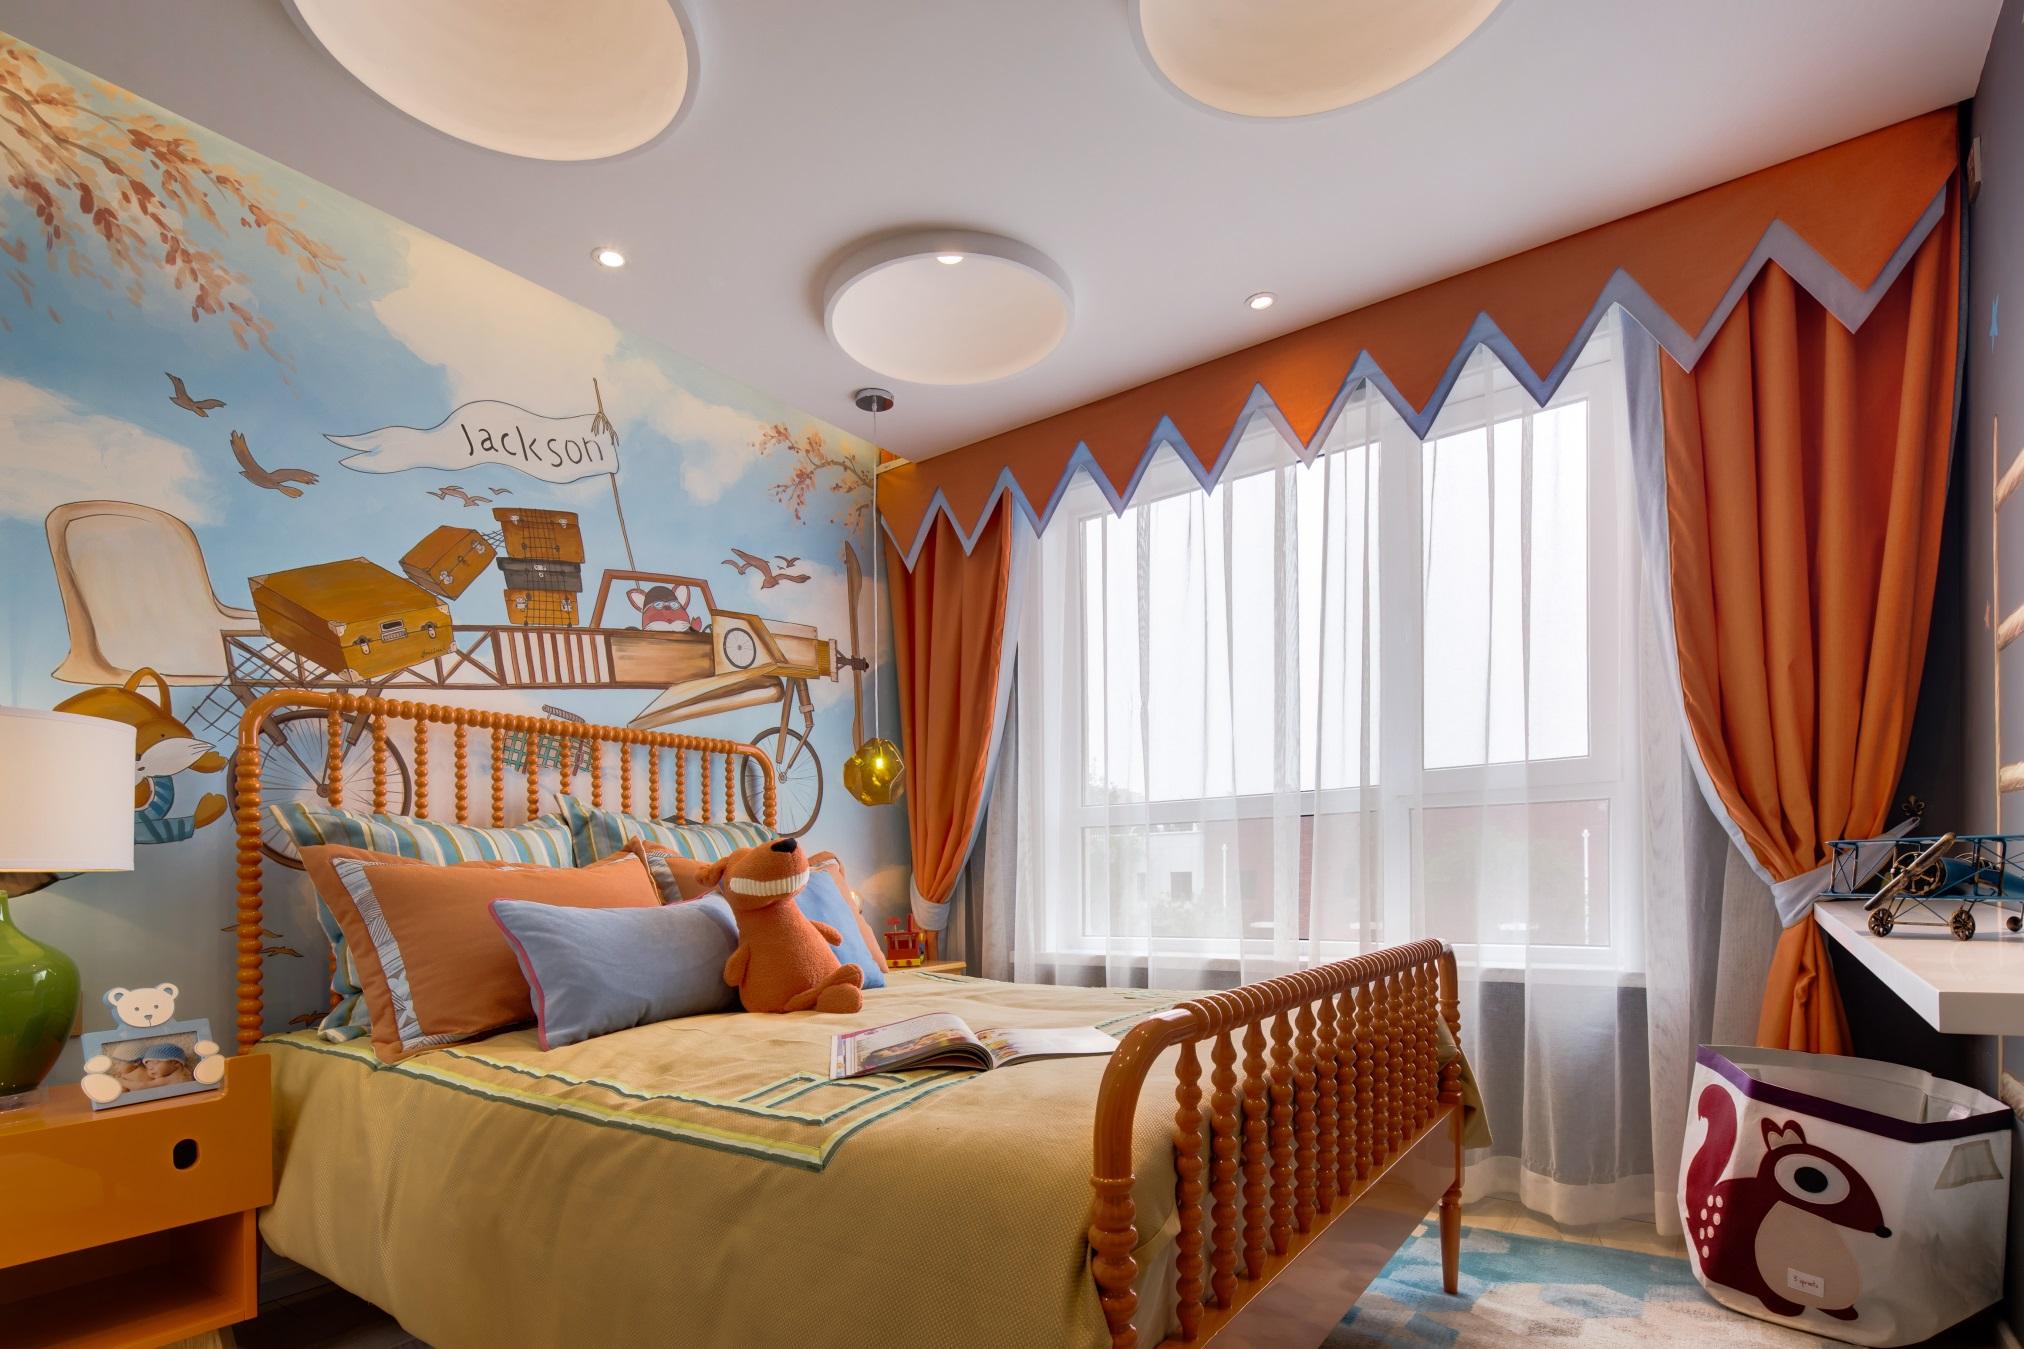 儿童房以浓郁的橘色打造,童趣精致,背景墙是最抢眼的装饰,增添空空间艺术氛围。